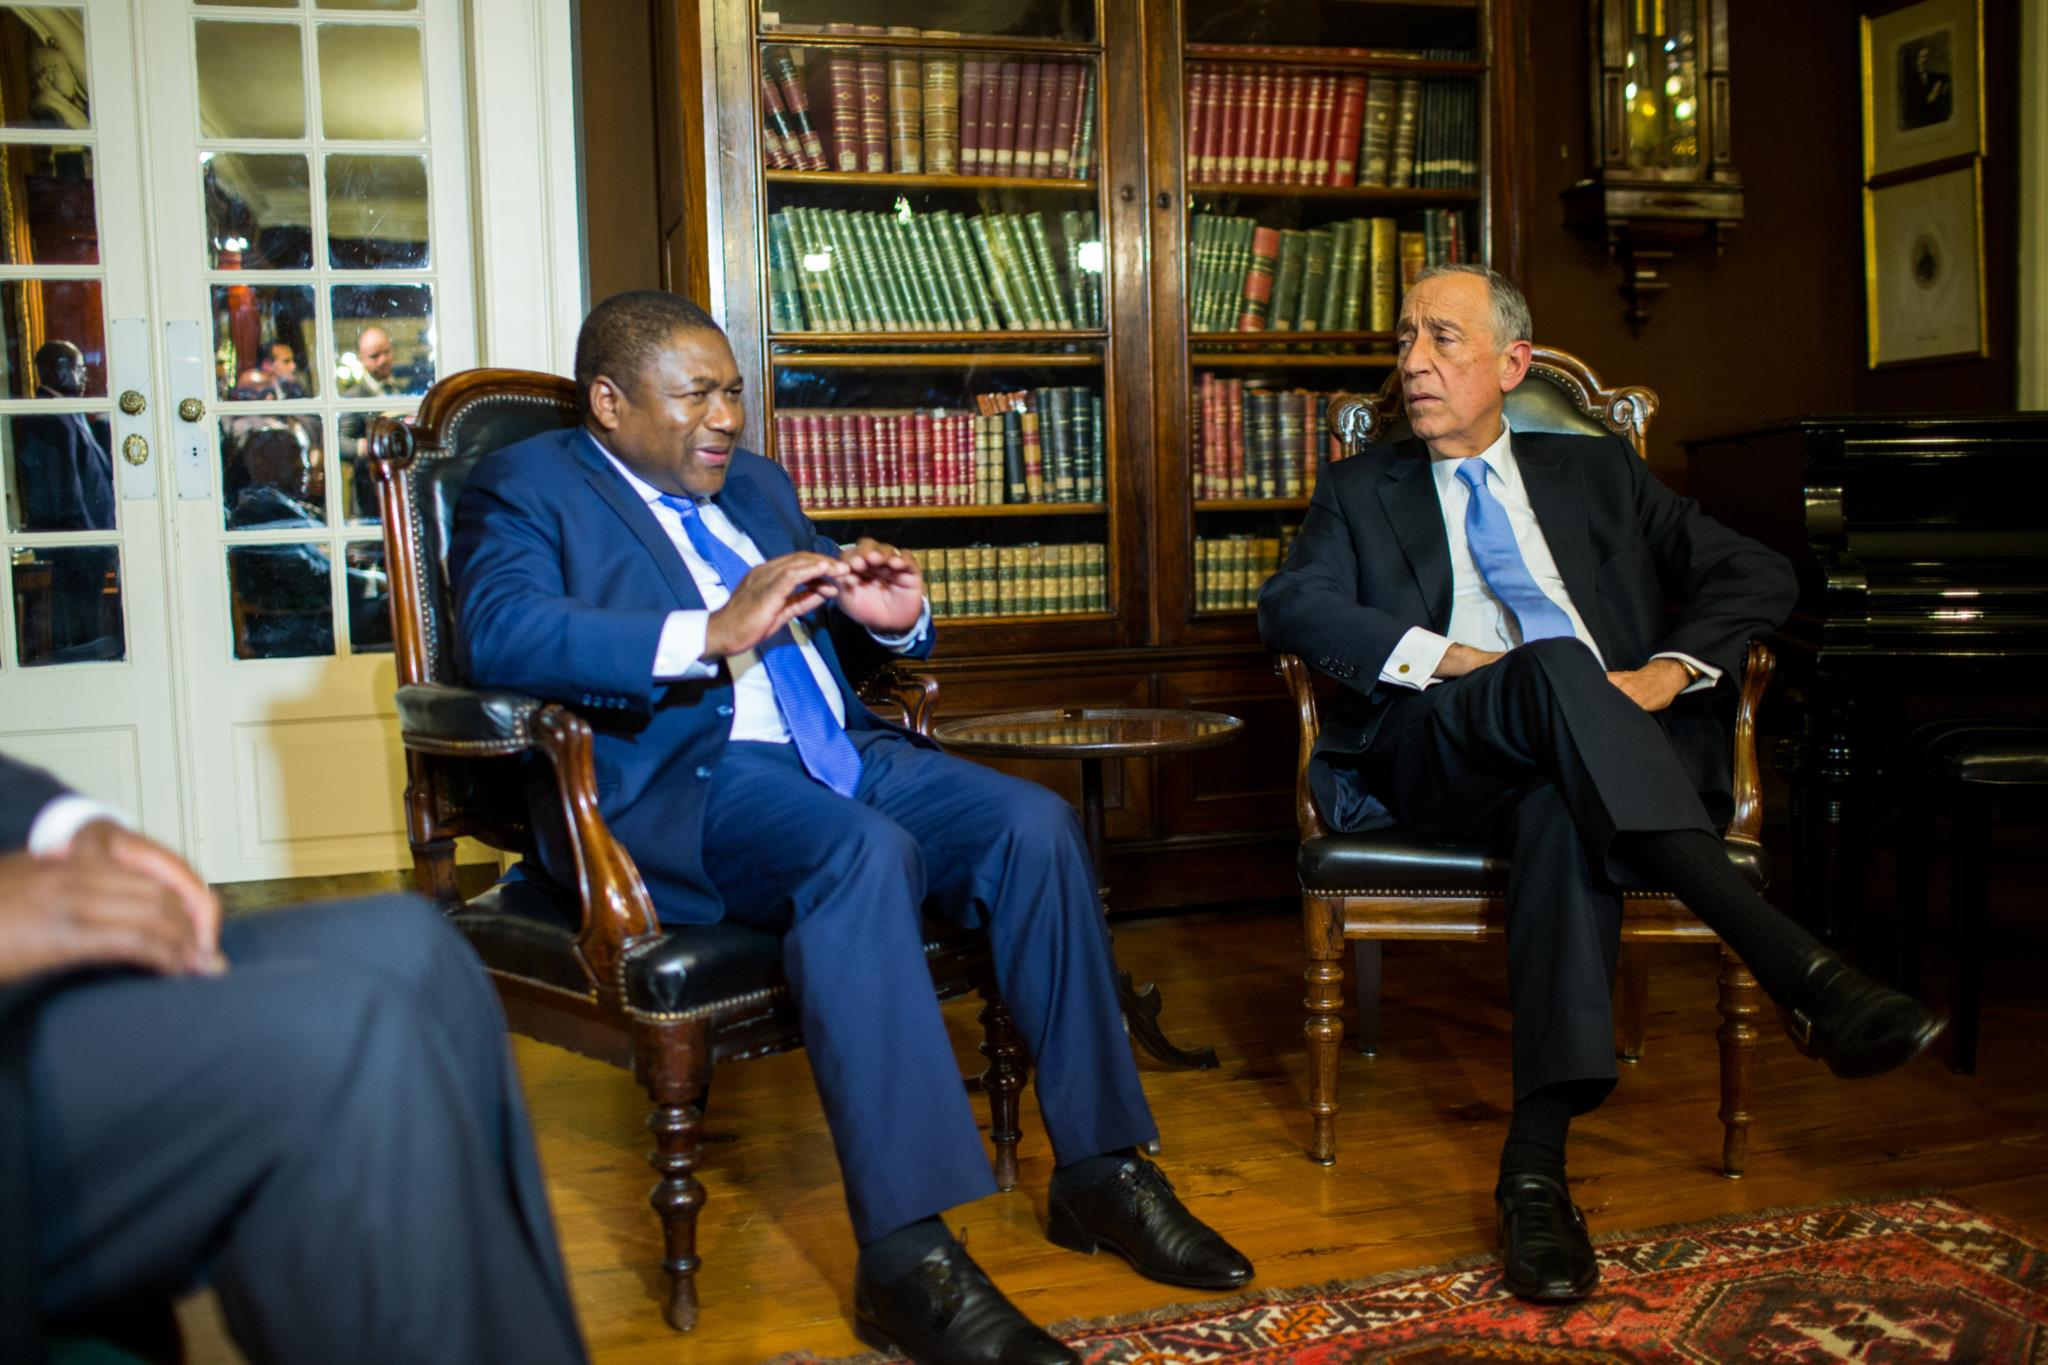 PÚBLICO - Silêncio de Maputo sobre rapto de português gera mal-estar em Lisboa